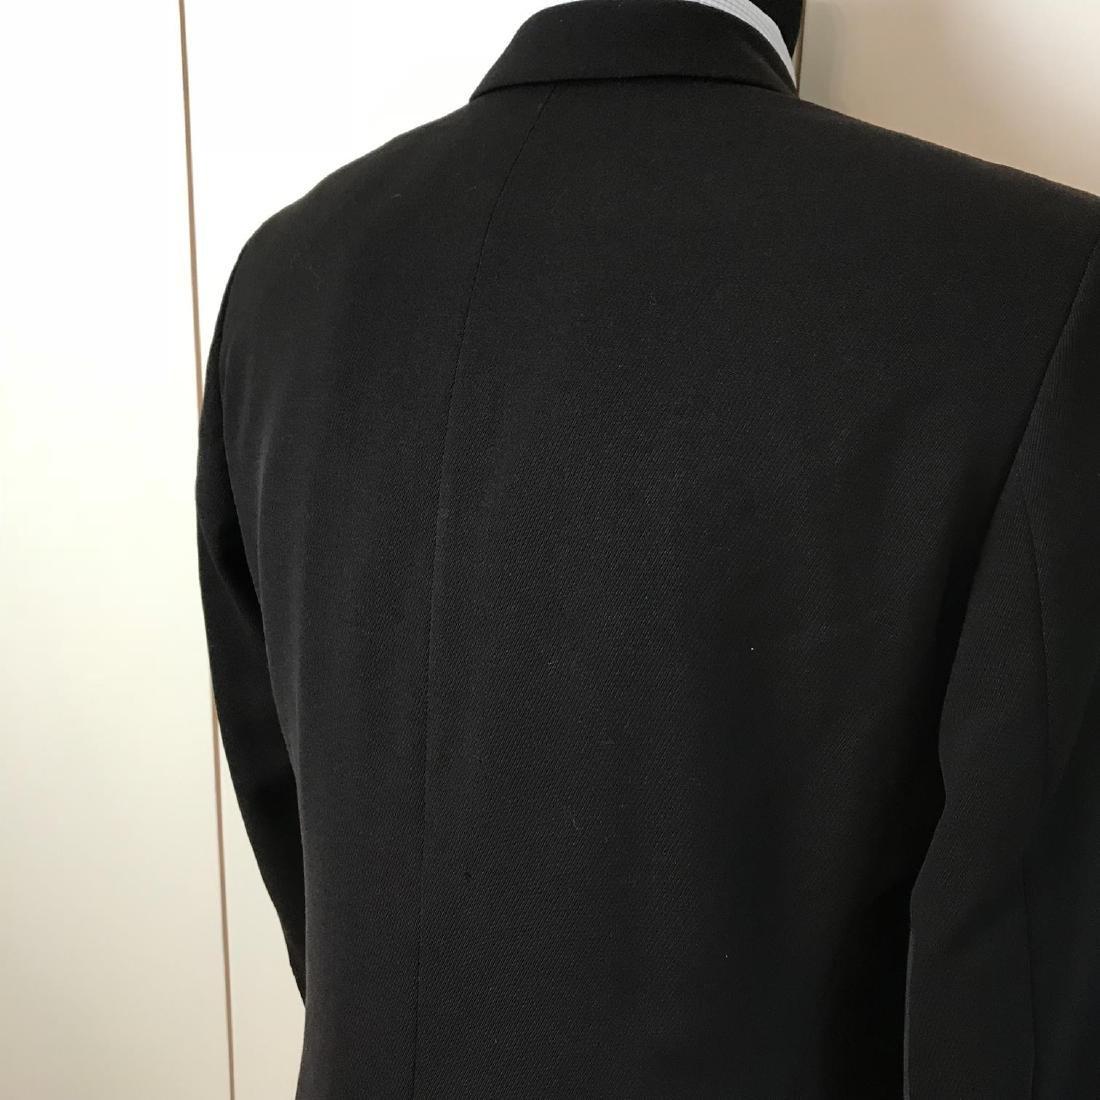 HUGO BOSS Men's Vintage Blazer / Jacket Size 46 EUR 36 - 4